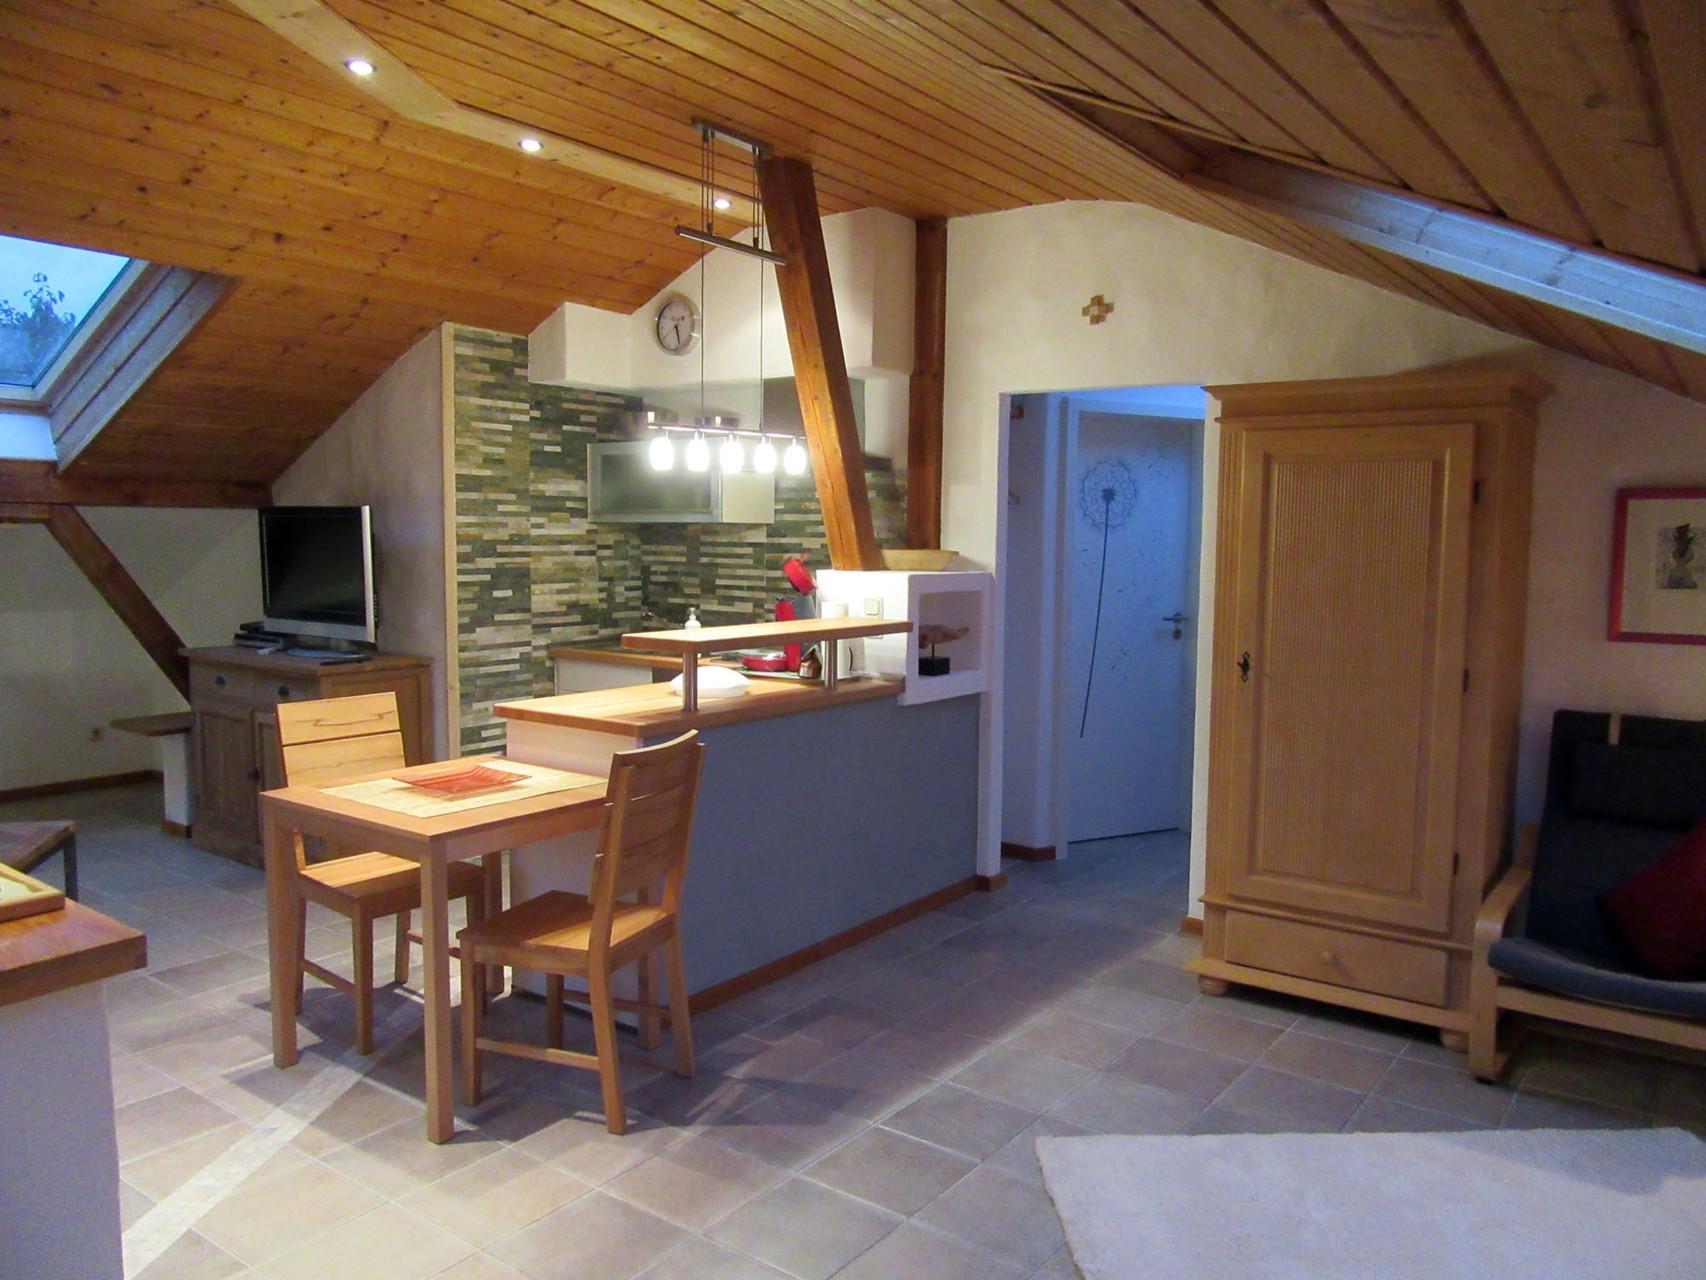 Esstisch und Küchenecke Ihrer Ferienwohnung